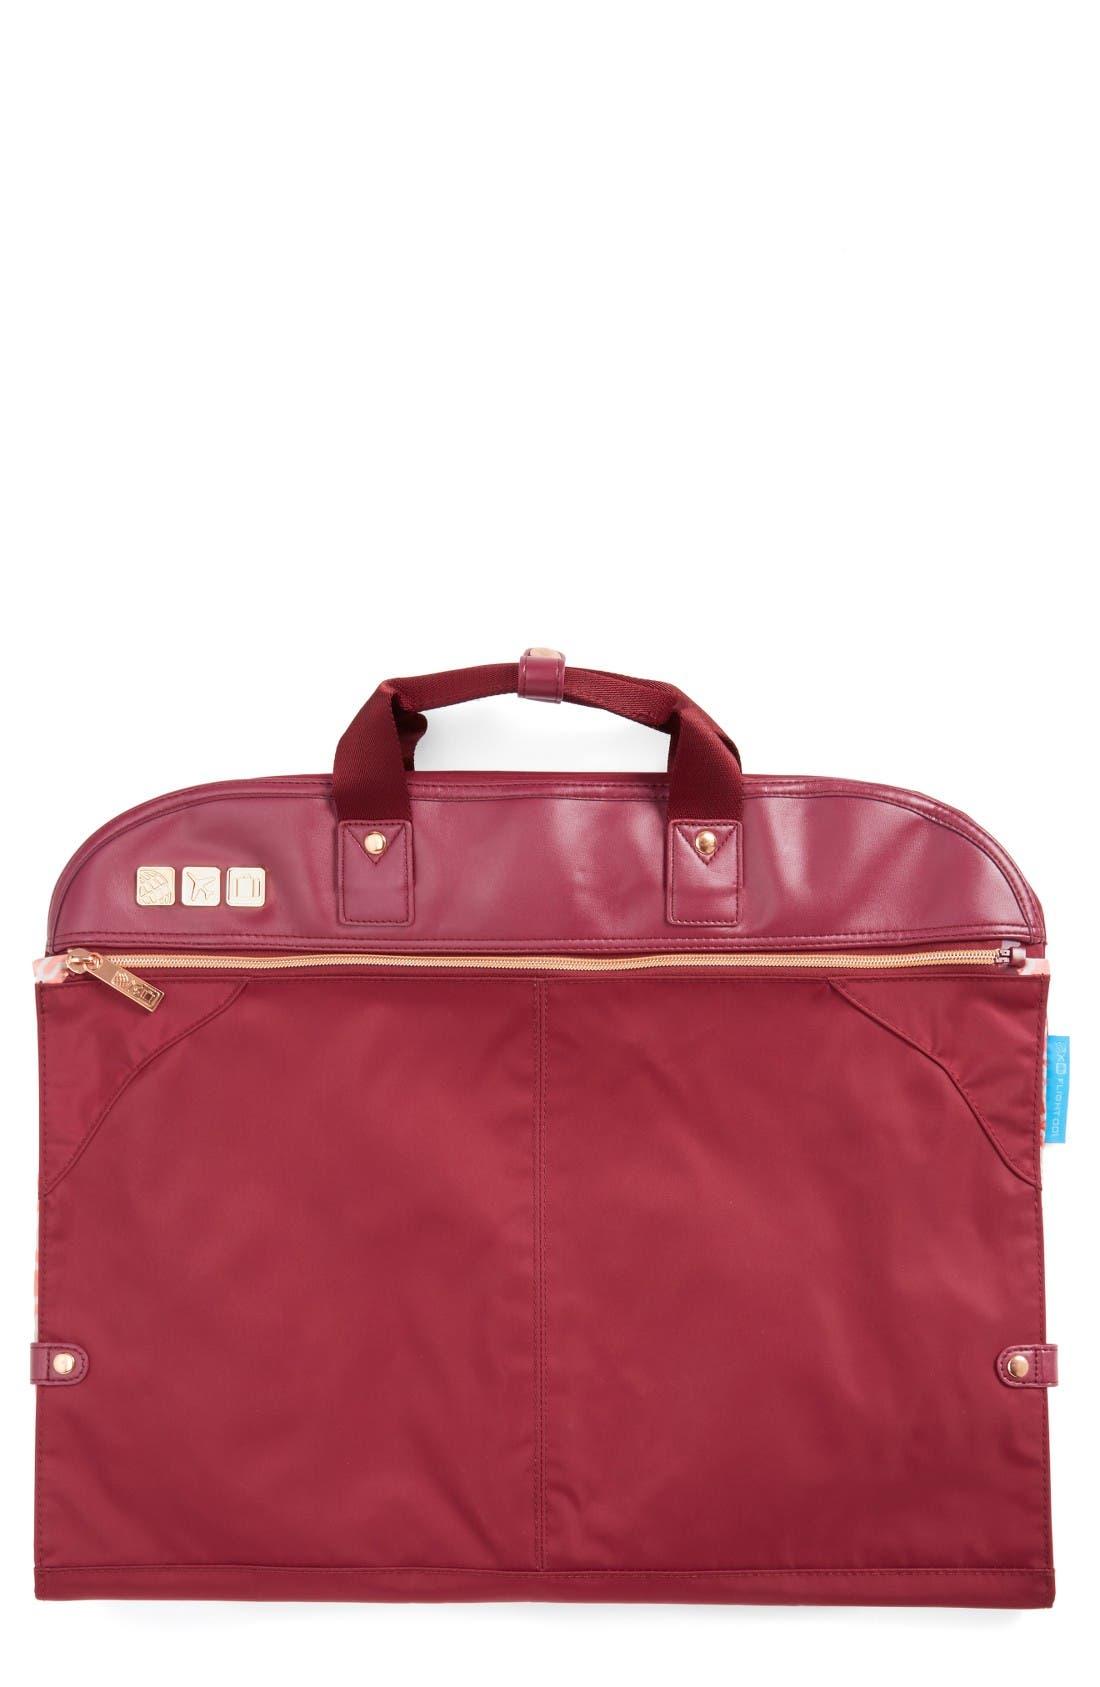 Flight 001 Avionette Garment Bag